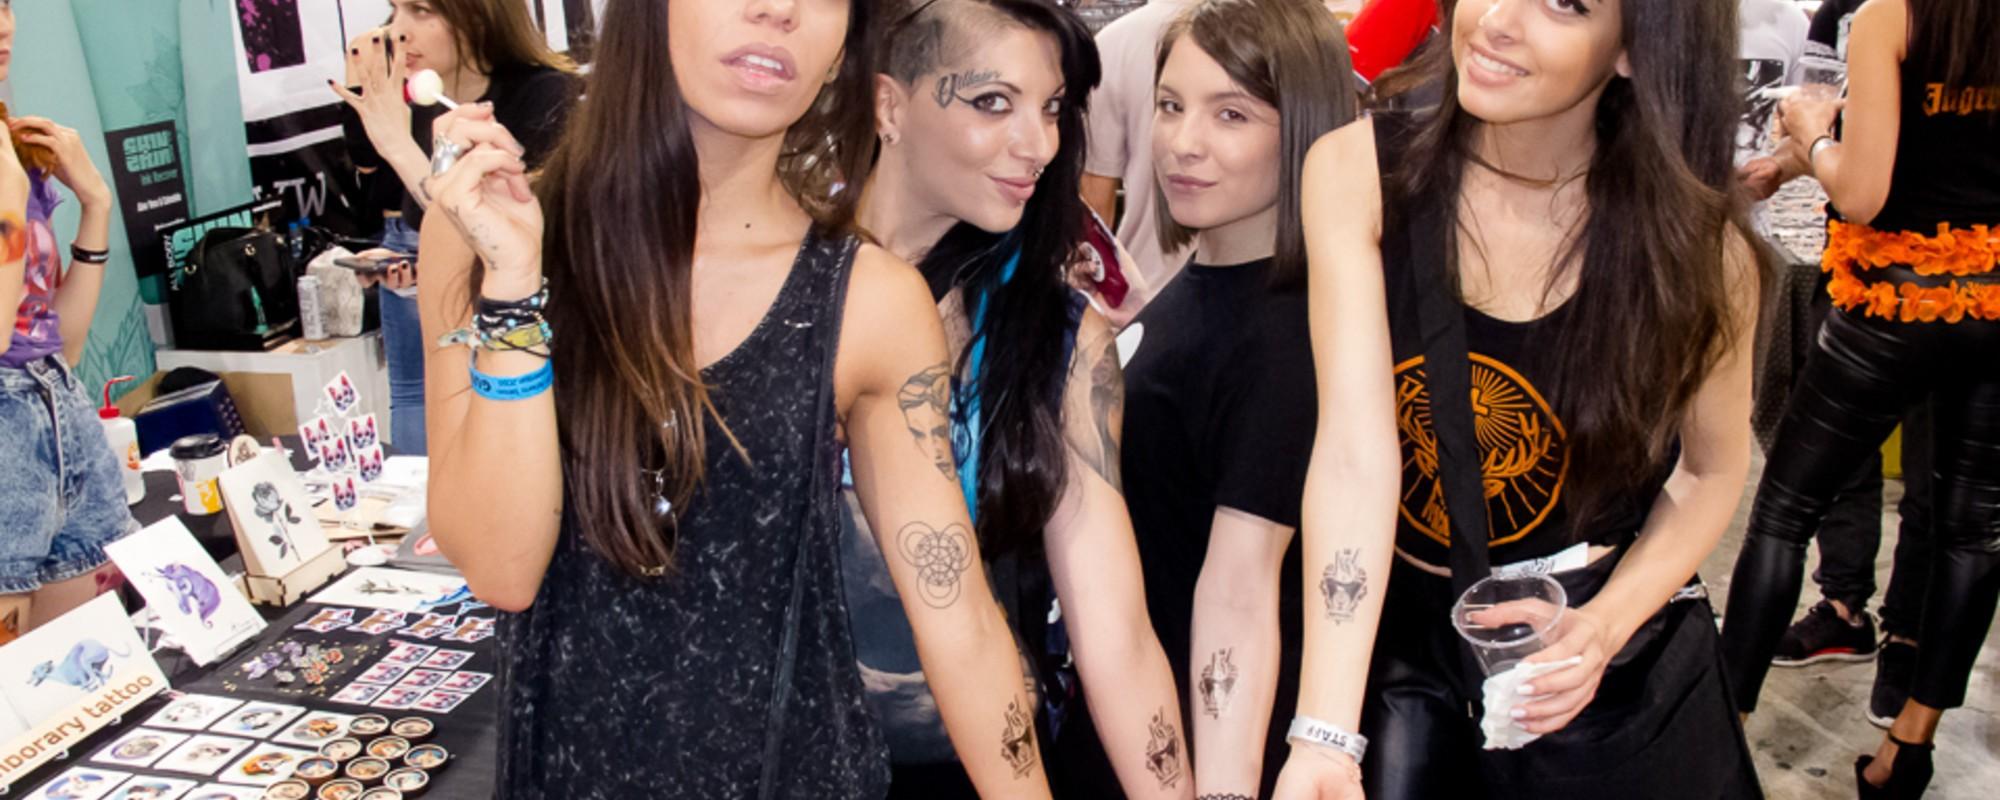 Όταν η Τέχνη του Τατουάζ Συναντά Αυτή του Αλκοόλ